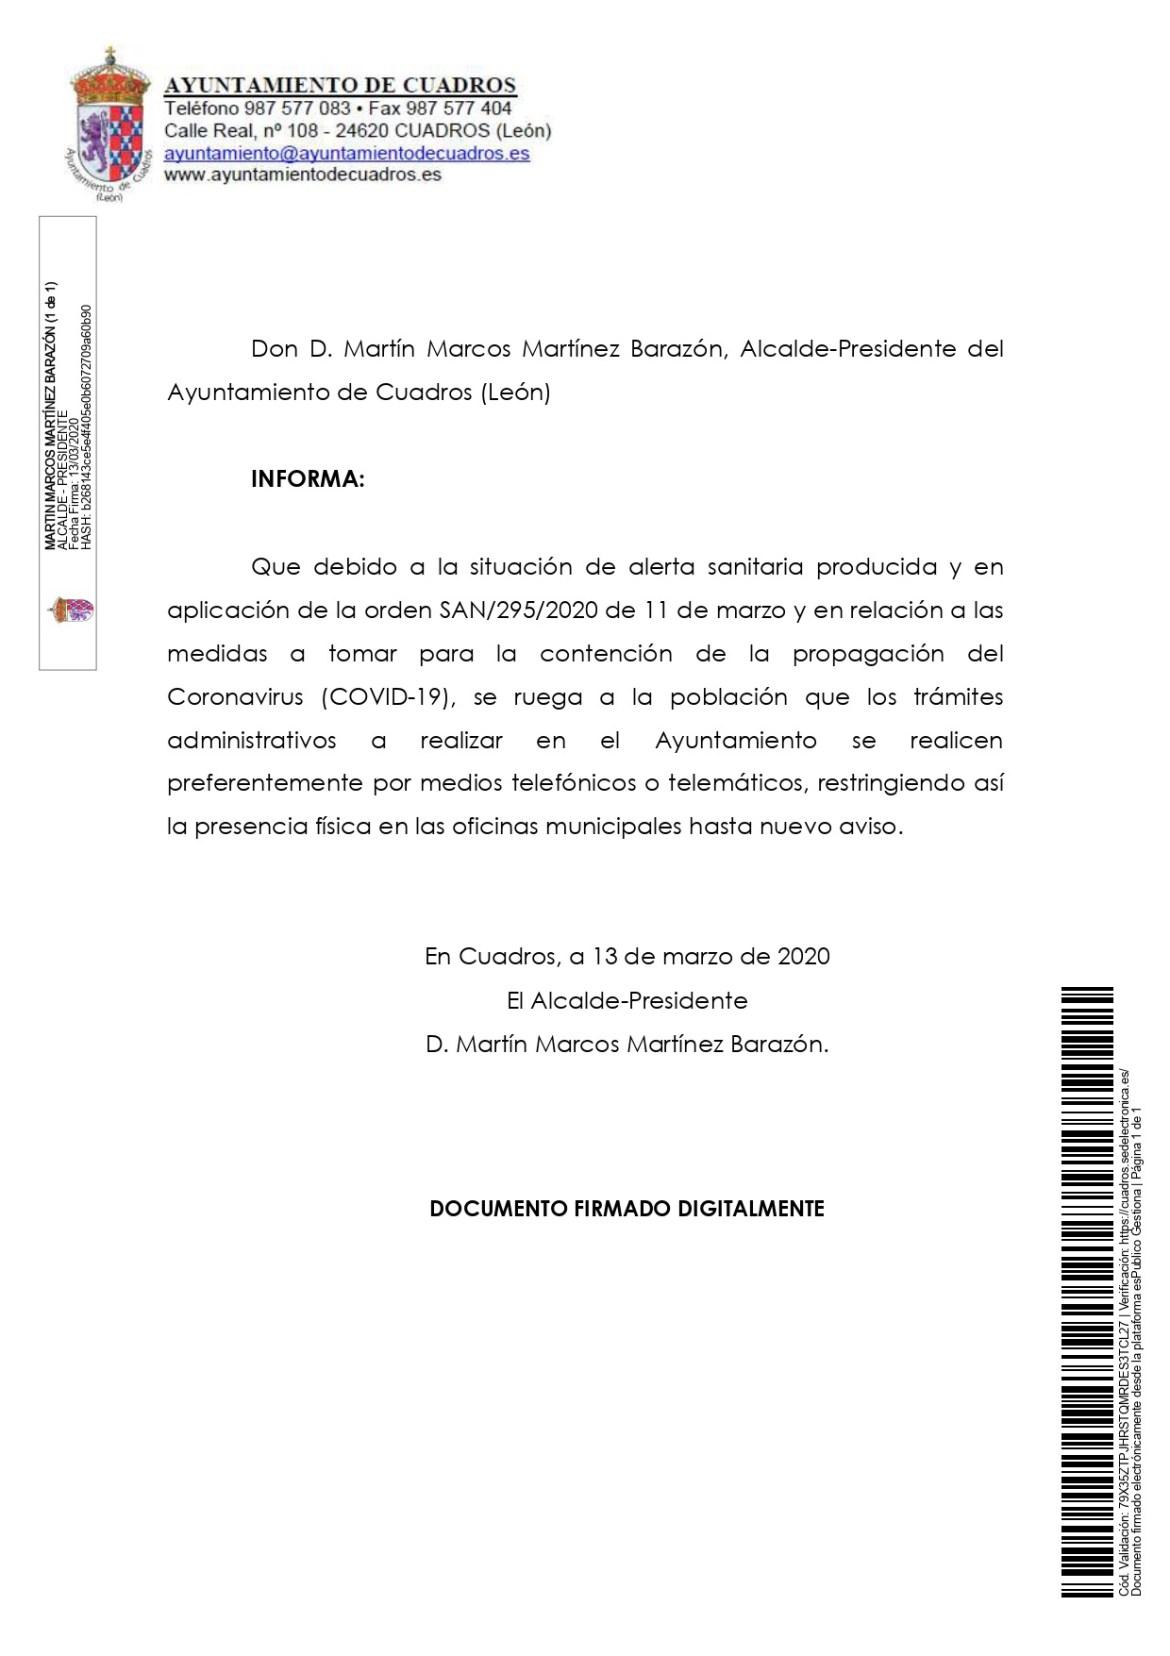 20200313_Otros_CIERRE OFICINAS CORONAVIRUS_page-0001